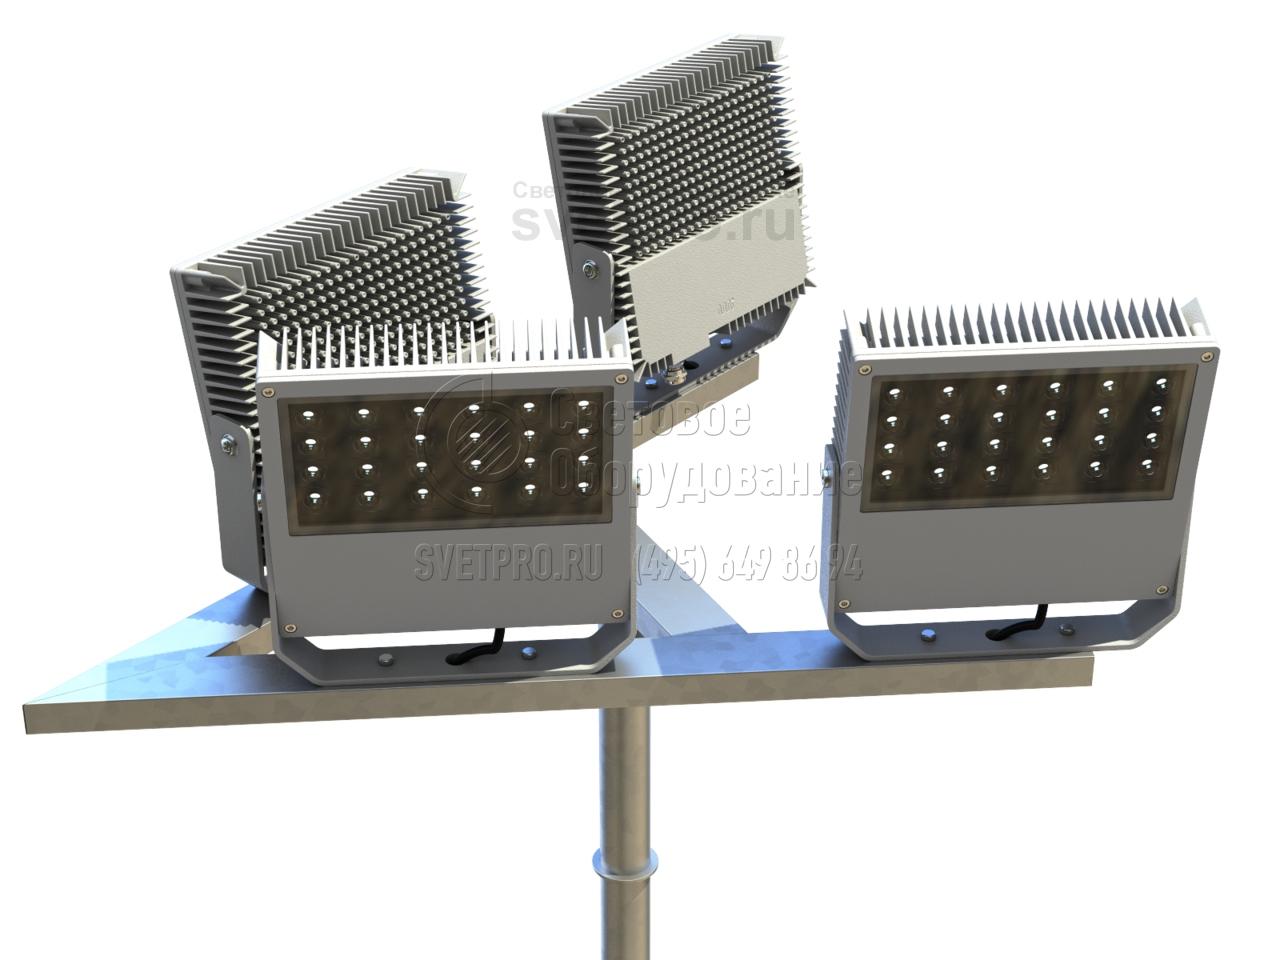 Кронштейны для установки прожекторов и настенных светильников